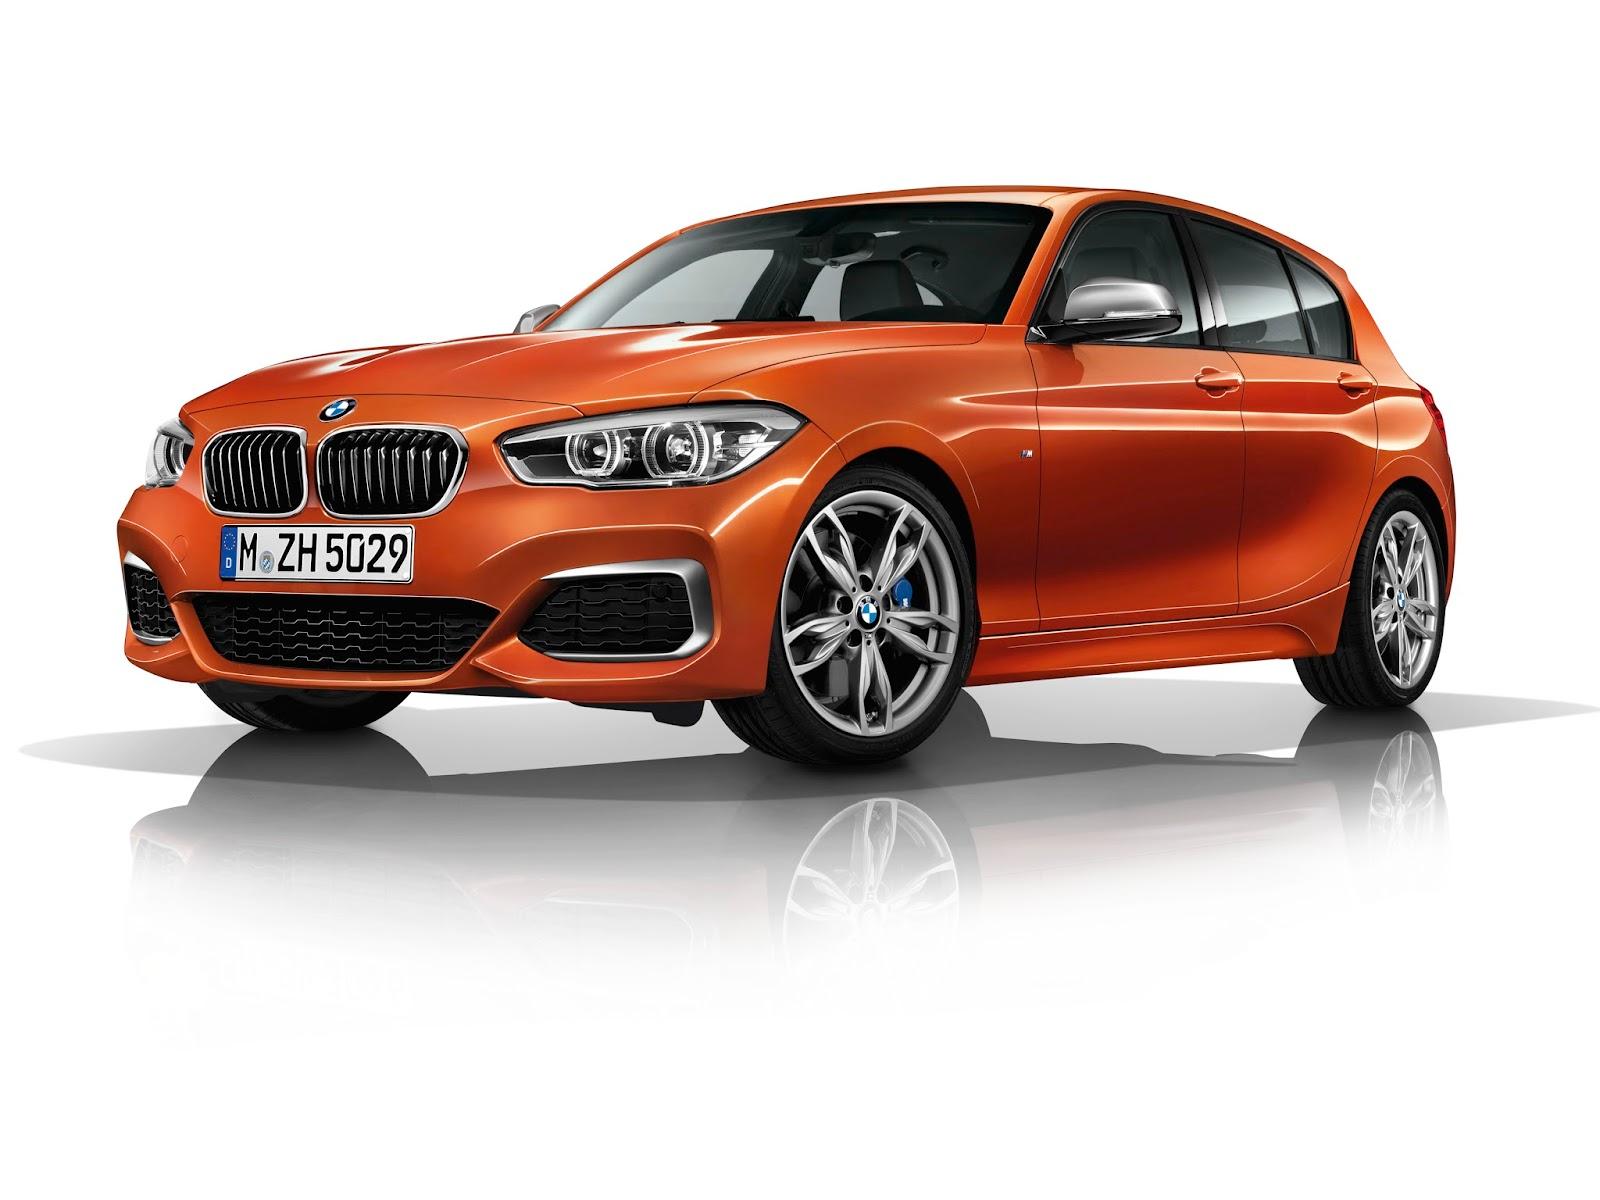 P90218753 highRes bmw m140i 340 άλογα και τετρακίνηση στη Σειρά 1 της BMW! BMW, Bmw 2, BMW M, BMW M Performance, BMW M1, BMW M140i, BMW M2 Coupé, BMW M240i Cabrio, BMW M240i Coupe, Engine, zblog, ΒΜW 1